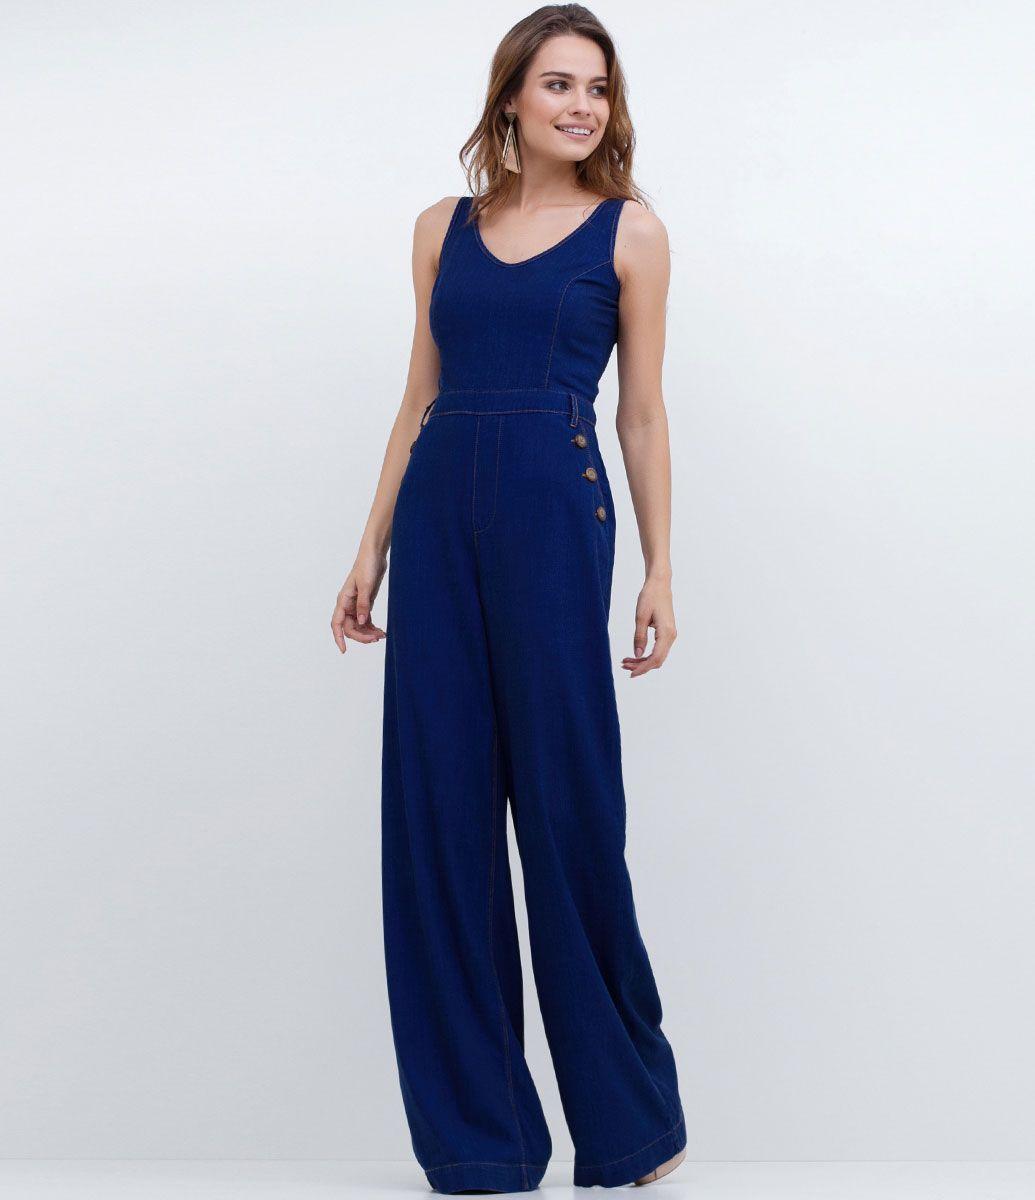 d4184358af Macacão feminino Modelo longo Com botões Com zíper Marca  Blue Steel  Tecido  jeans Composição  100% algodão Modelo veste tamanho  P Medidas da  modelo  ...